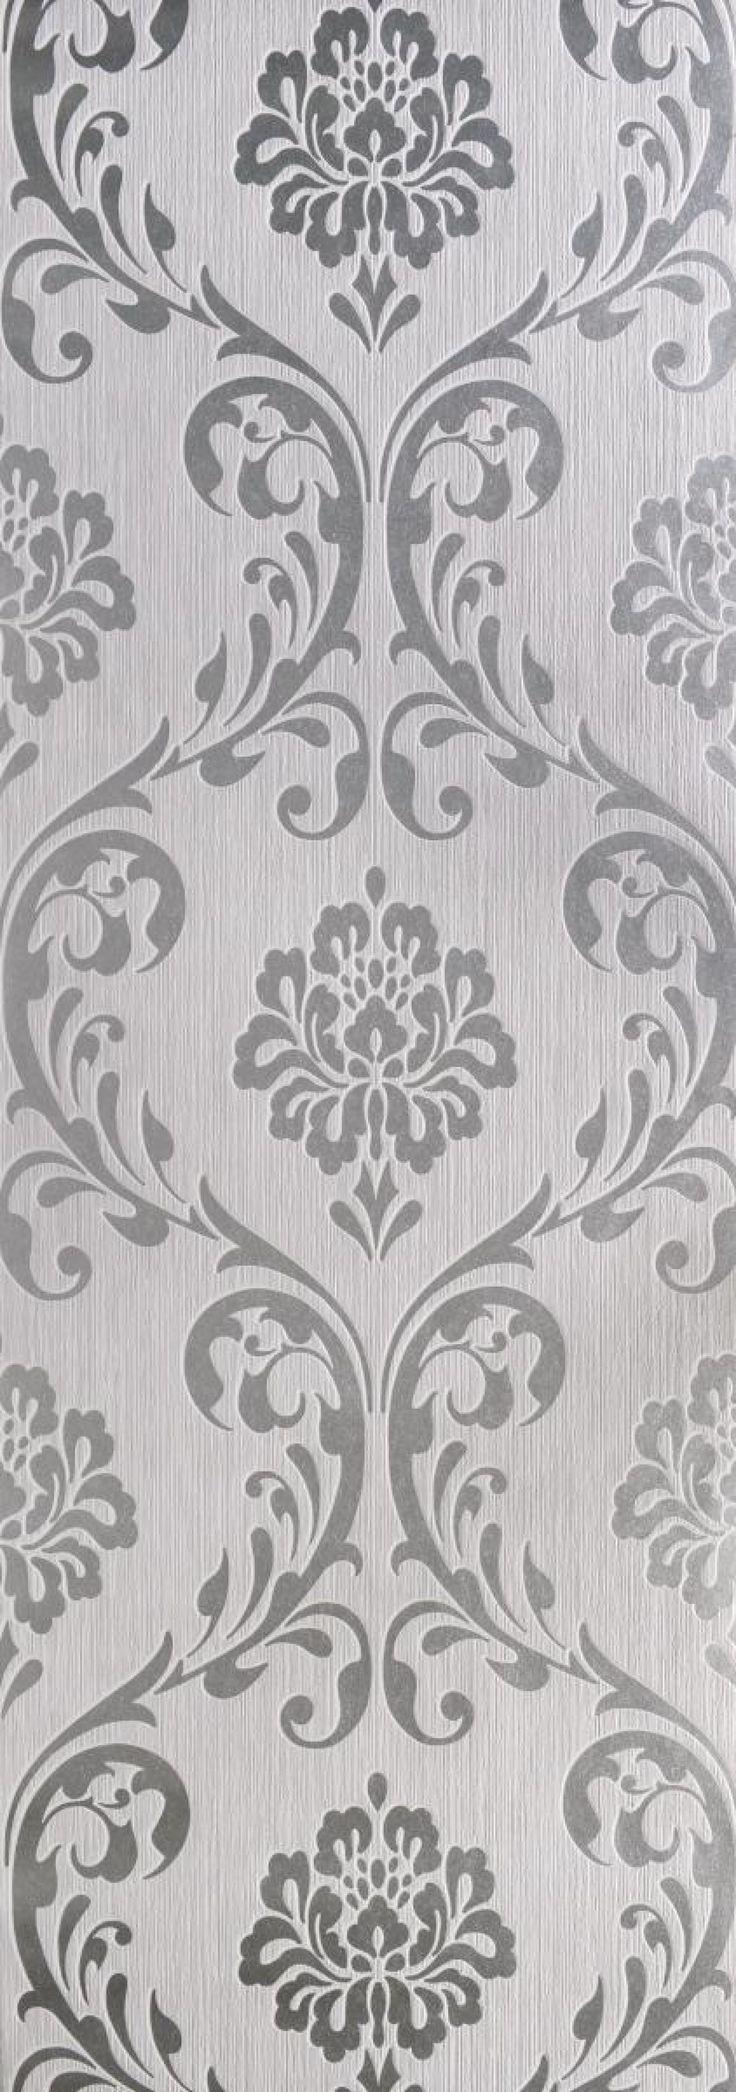 Vliestapete Ornament Silber Vinyl Wallpaper Tapeten Ornament Tapete